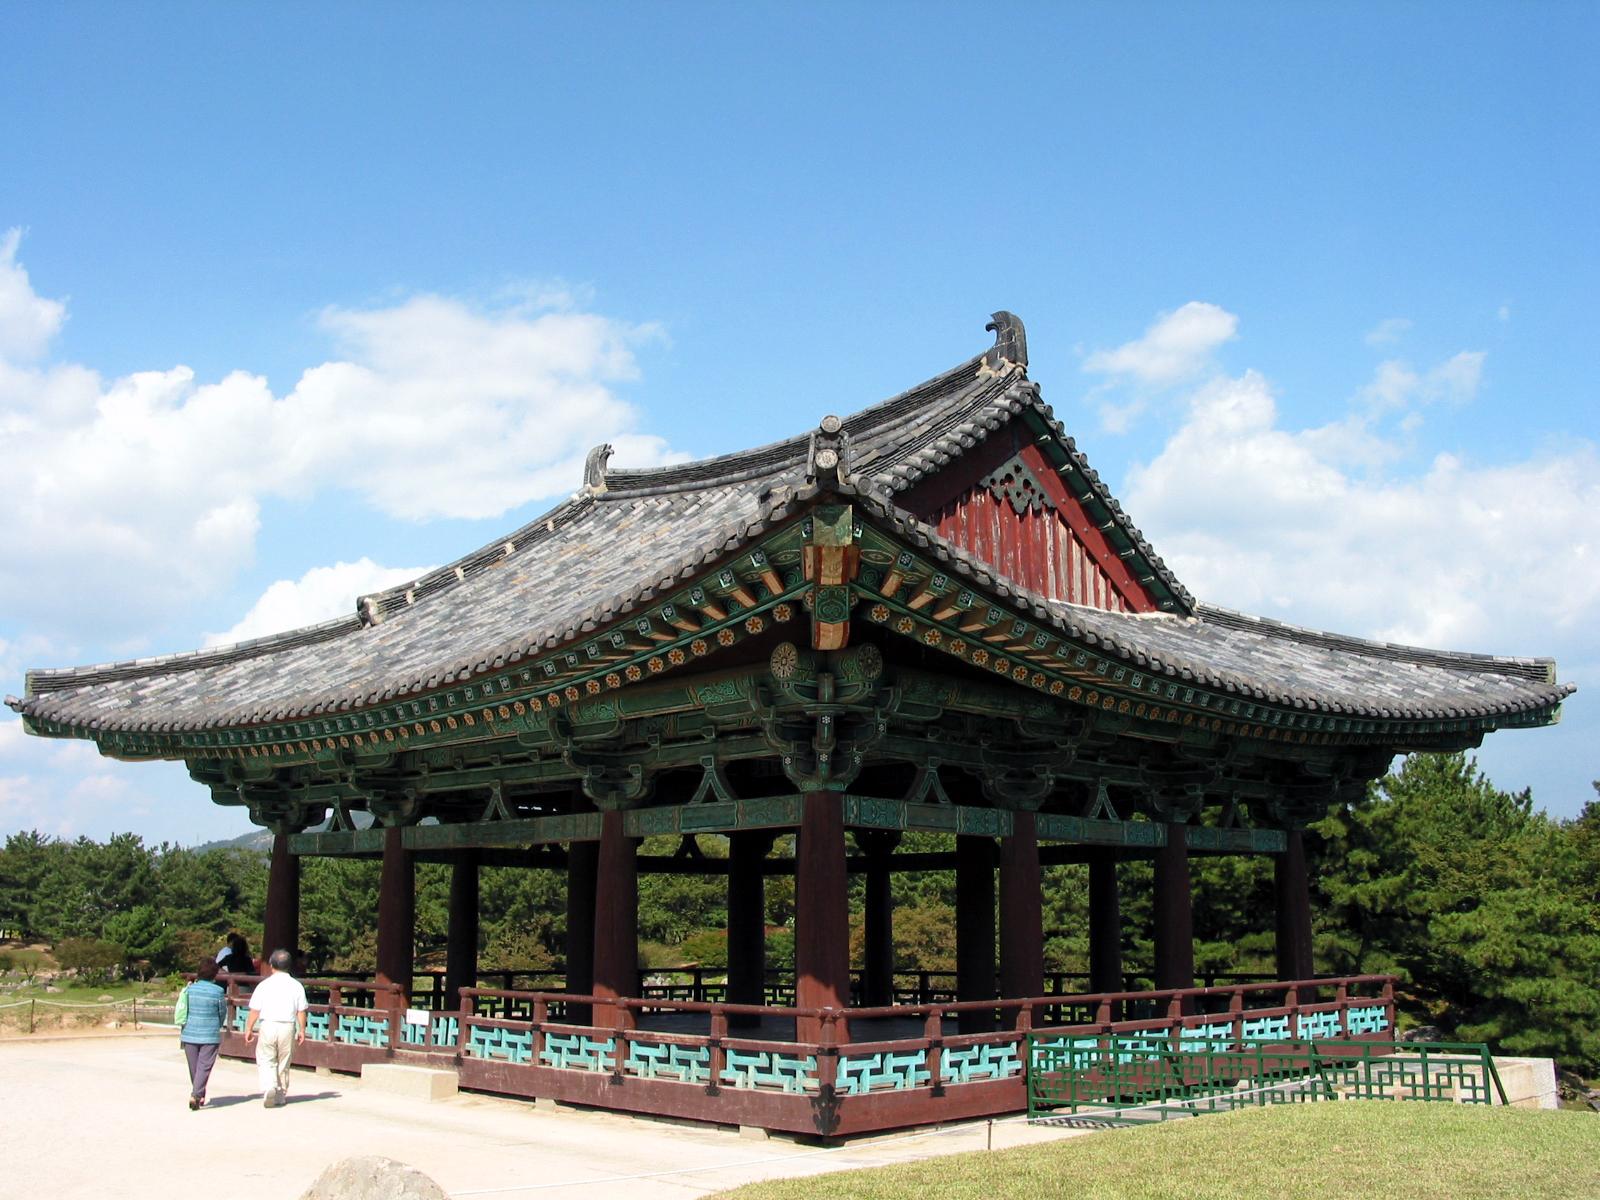 พื้นที่ประวัติศาสตร์แห่งคย็องจู - วิกิพีเดีย